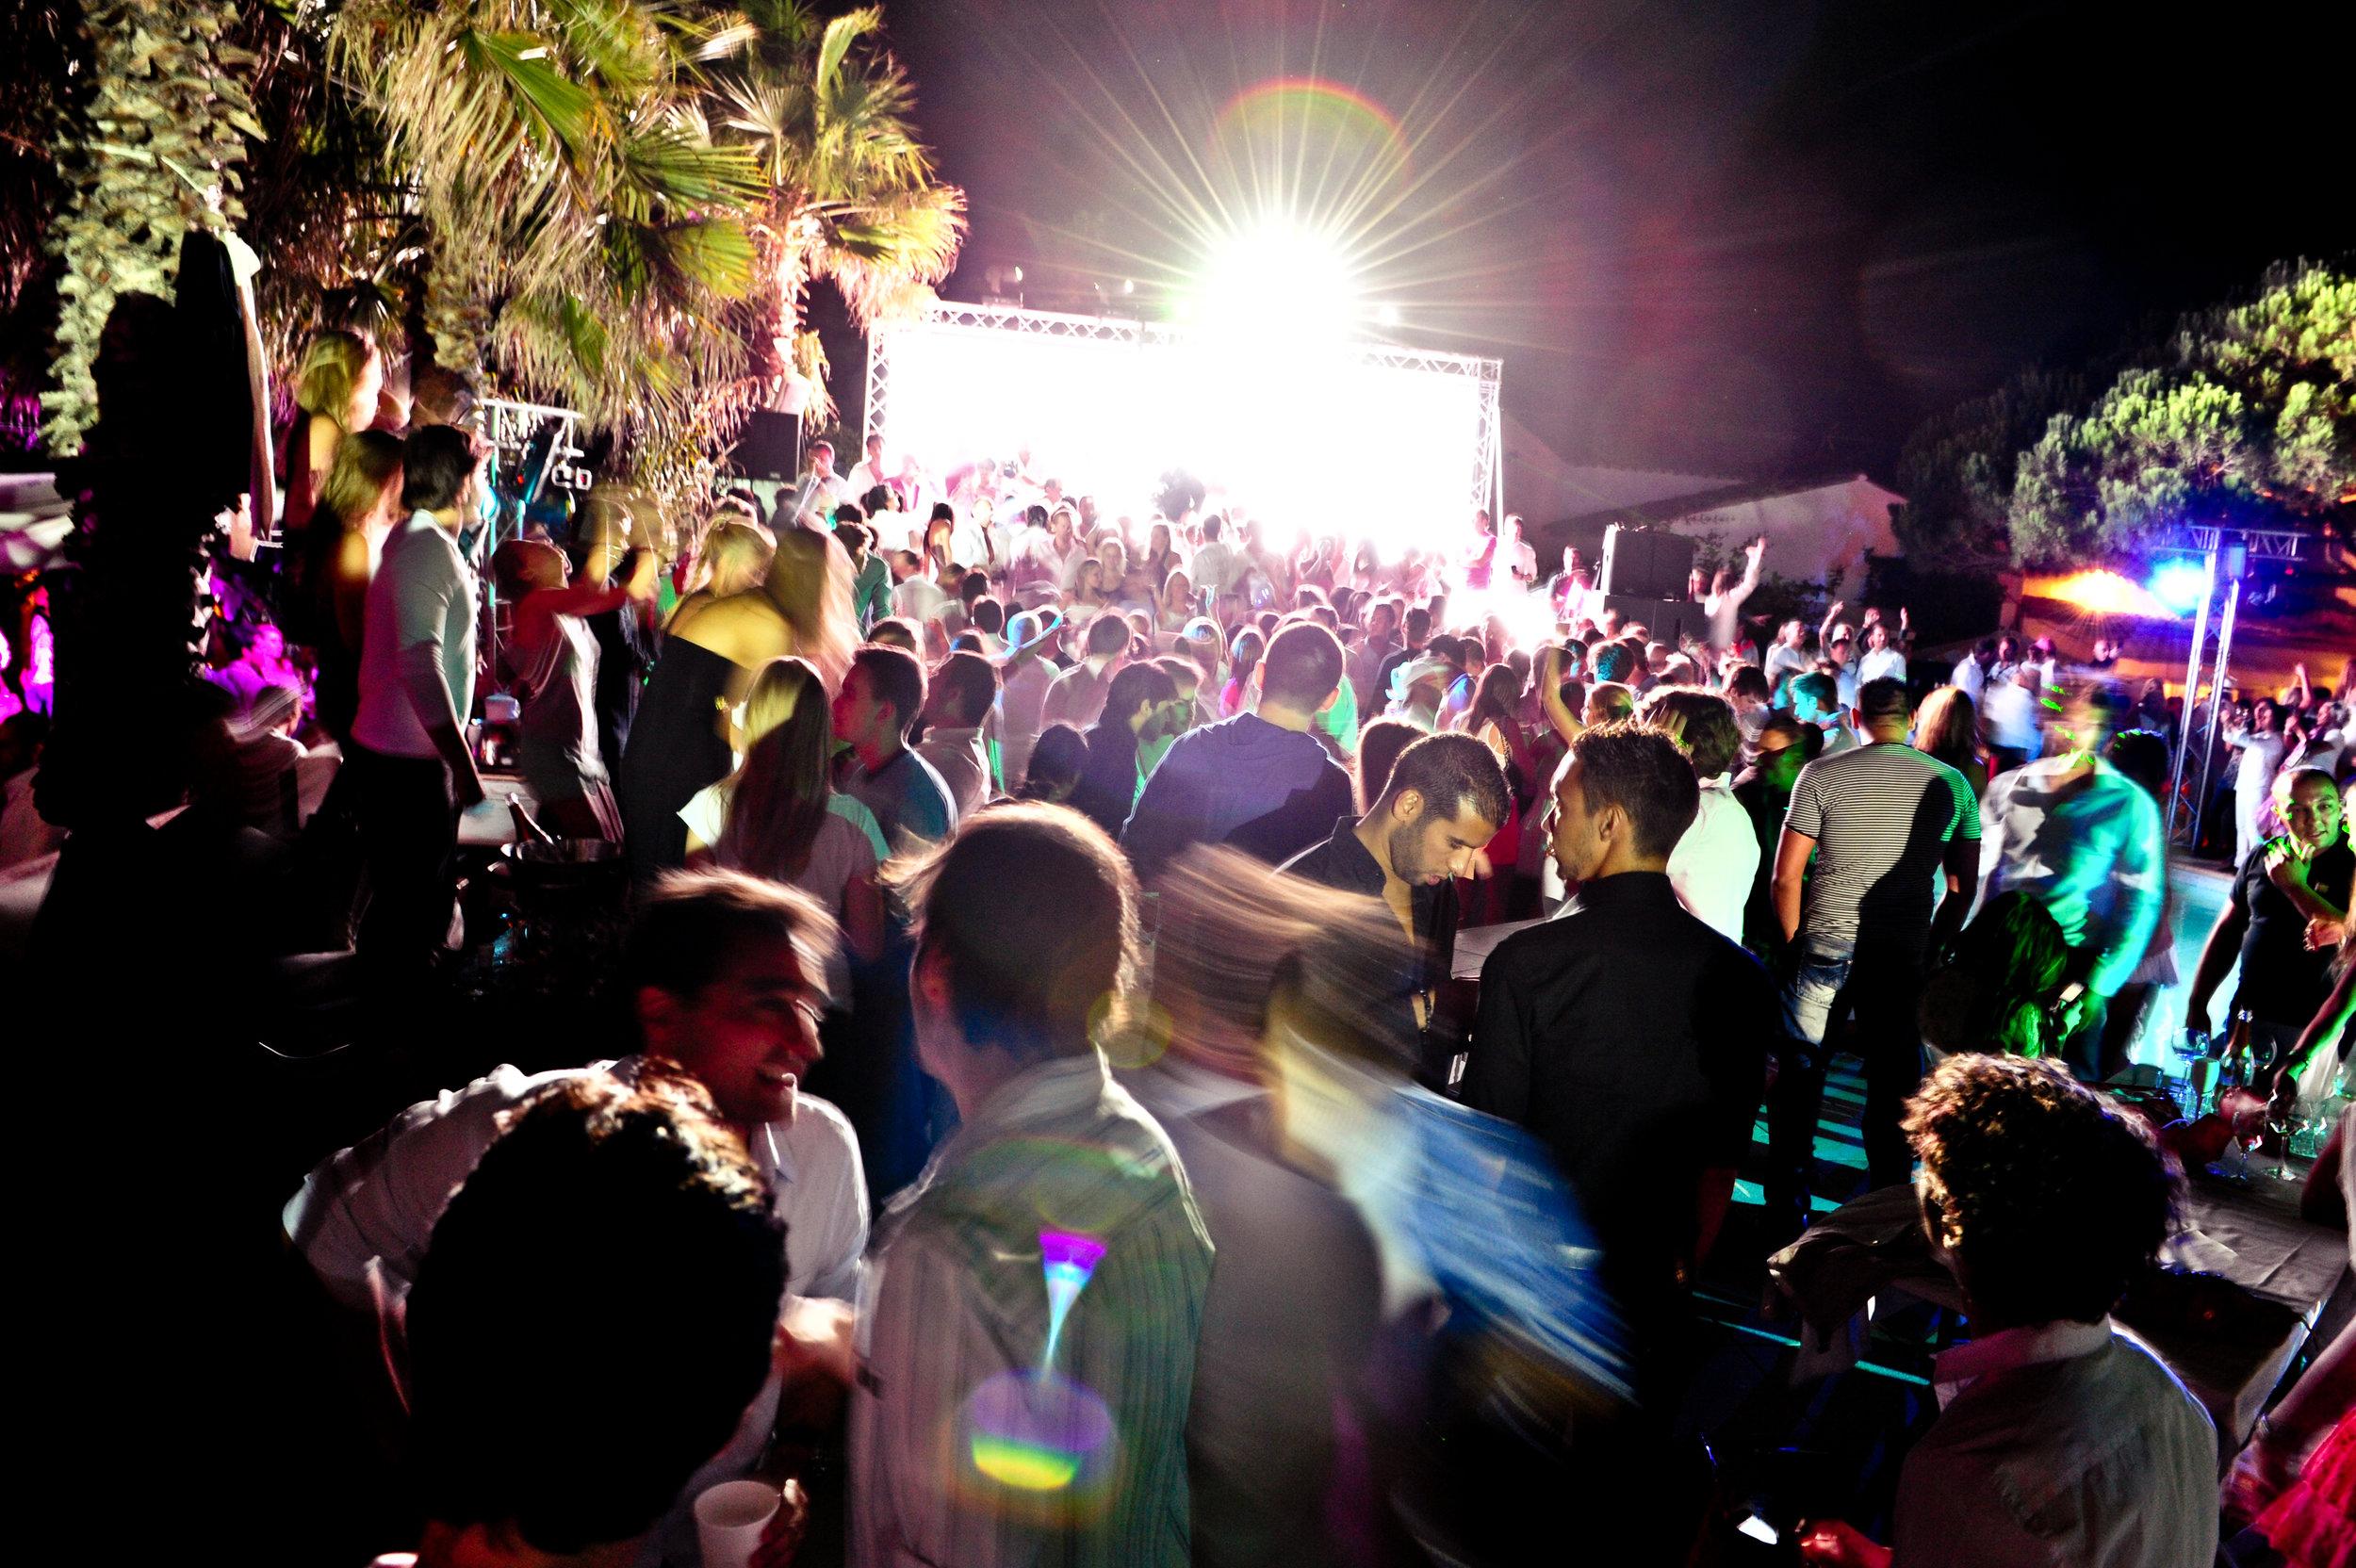 bart albrecht fotograaf photographer belgie belgium events festivals bedrijfsfeesten feesten business celebritys bv's bekende vlamingen beste top 10 bedrijfsfotografie0033.jpg